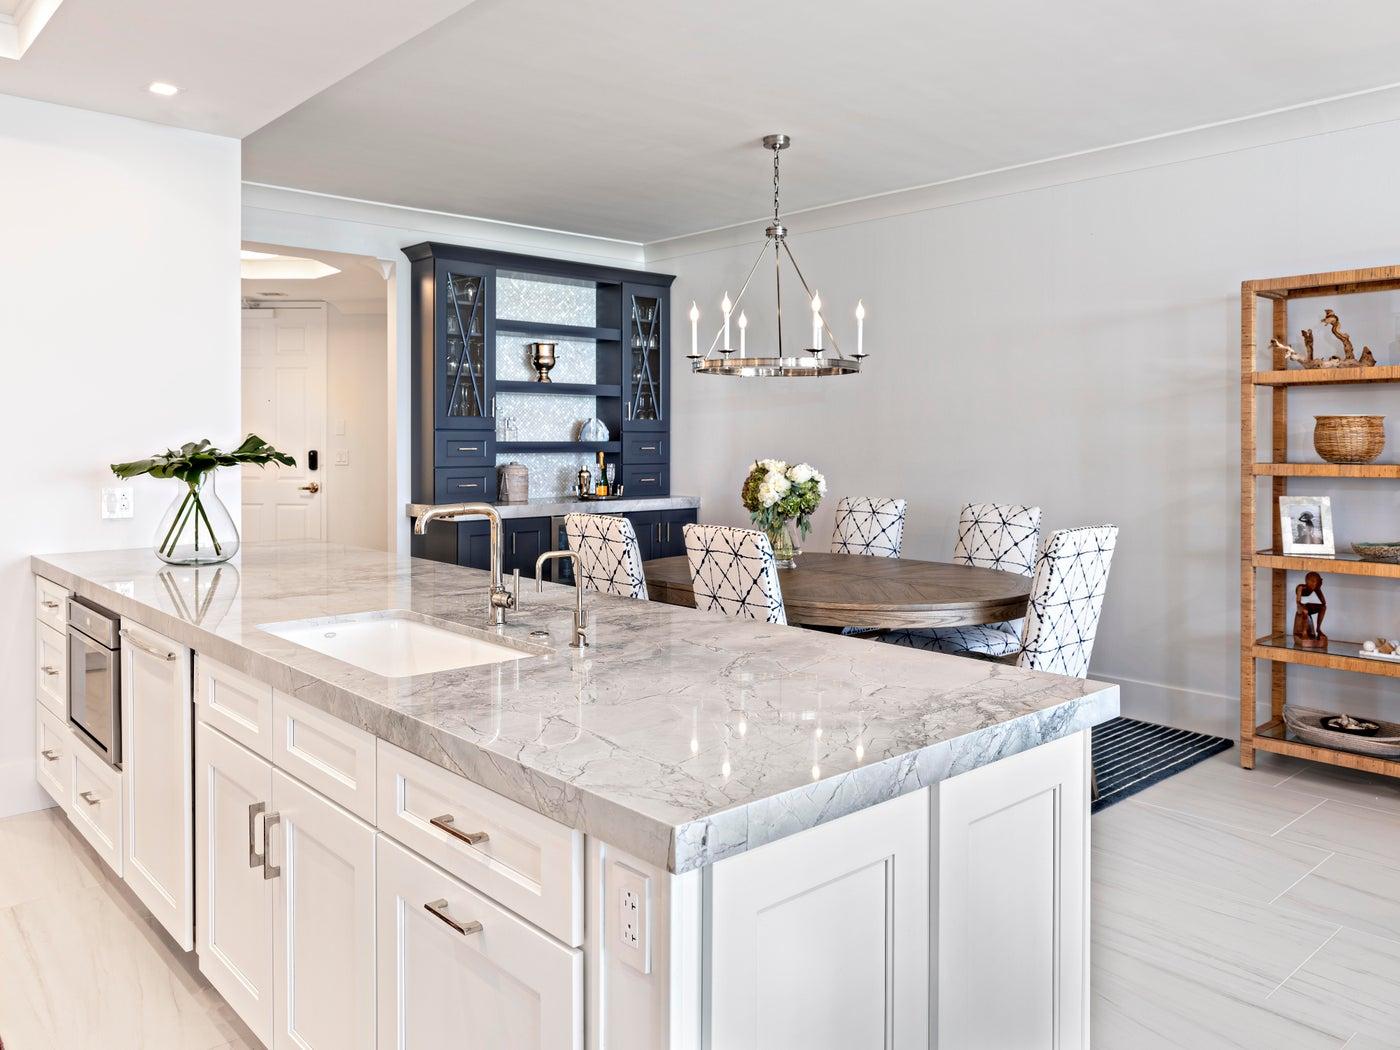 Jupiter Ocean Grande - Condo Renovation: Kitchen to Custom Bar